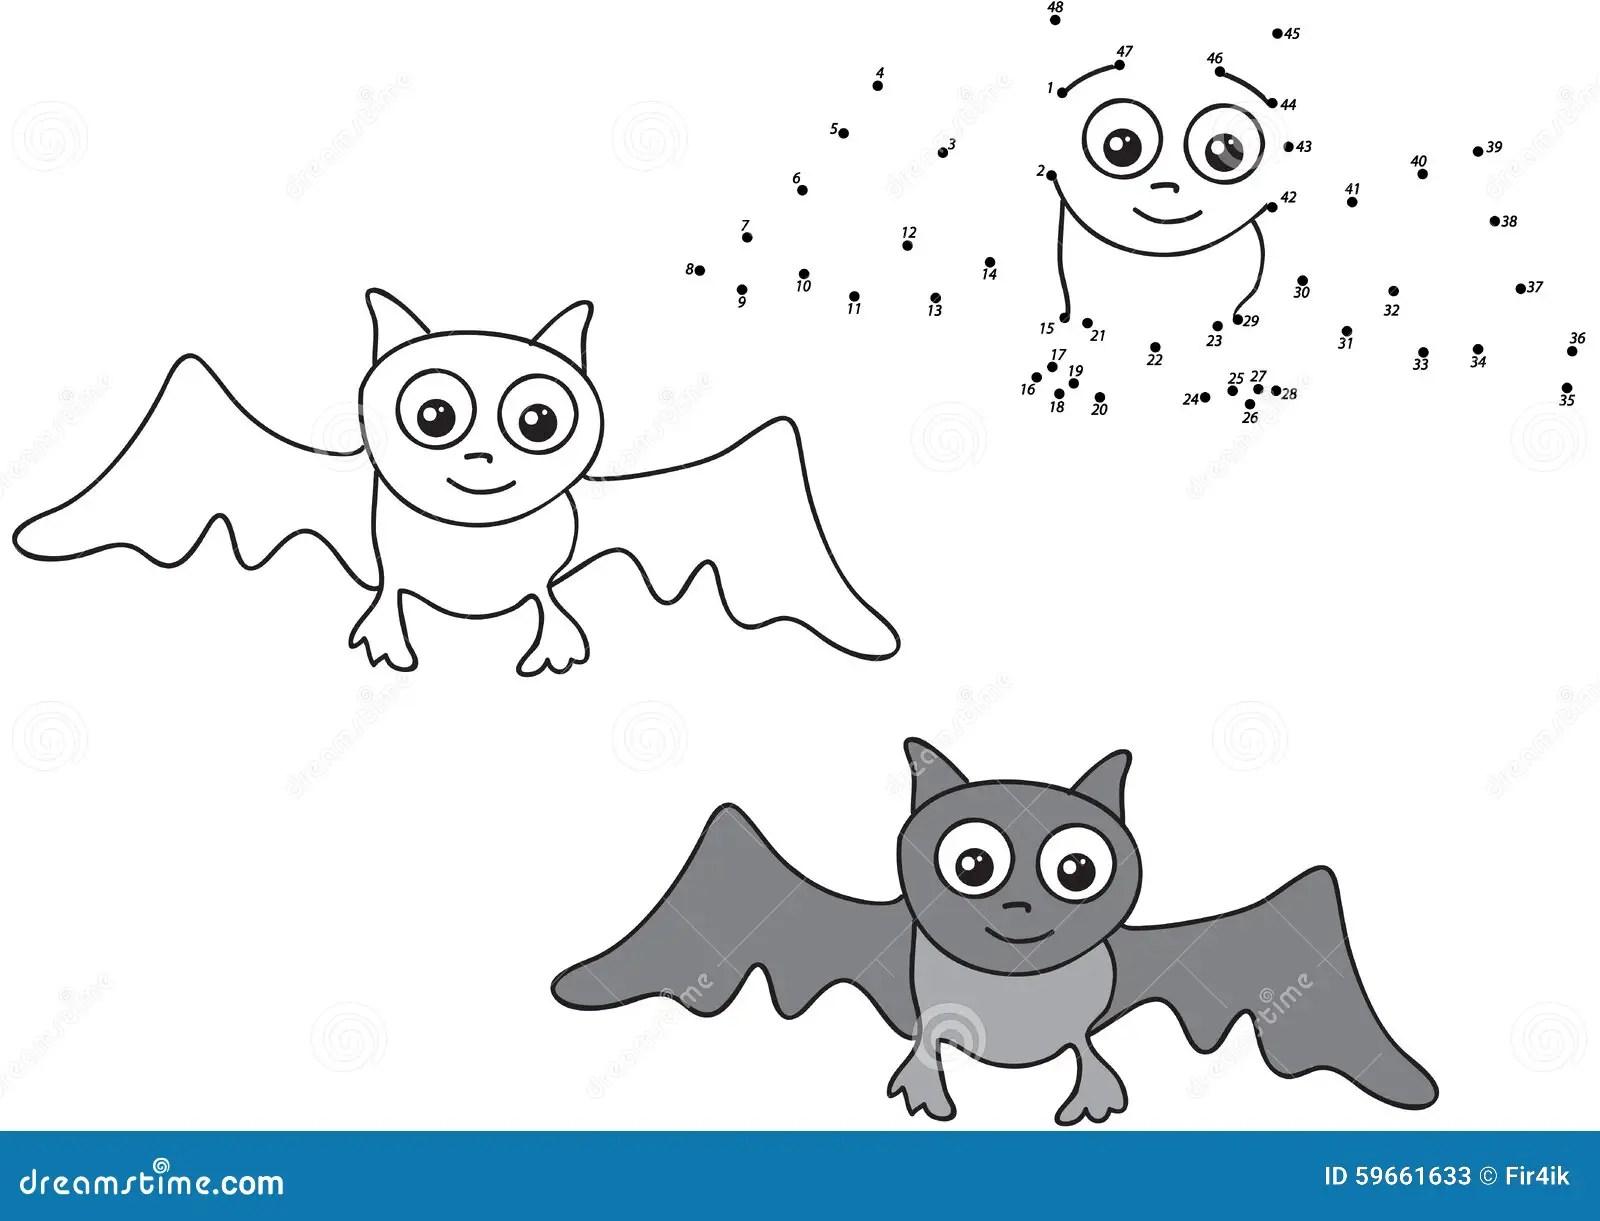 Cartoon Bat Vector Illustration Coloring And Dot To Dot